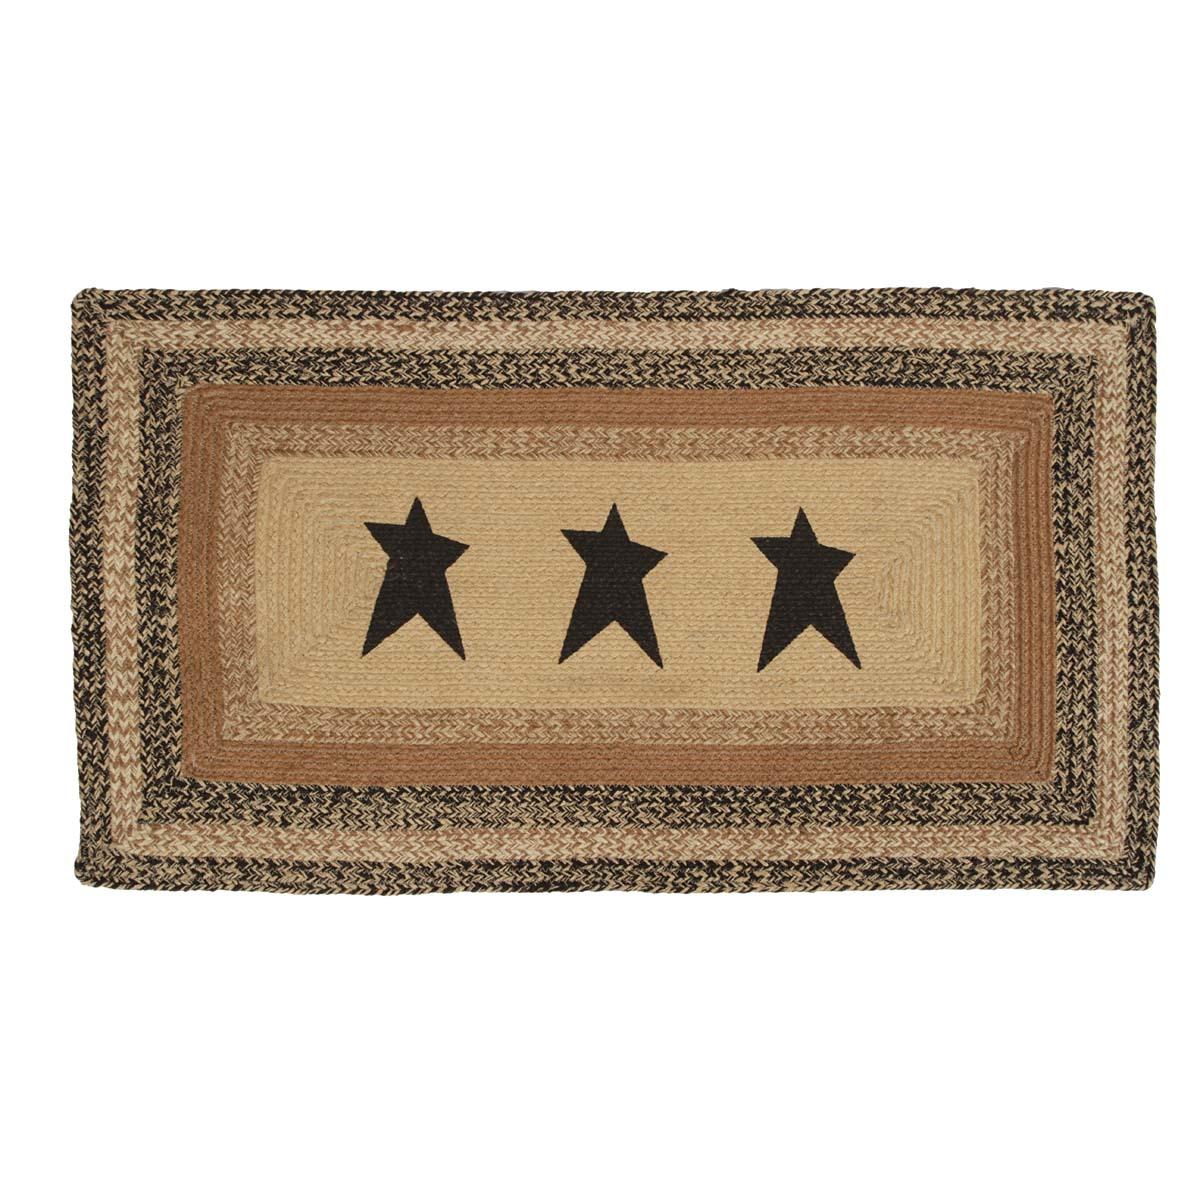 Kettle Grove Jute Rug Rect Stencil Star 27x48